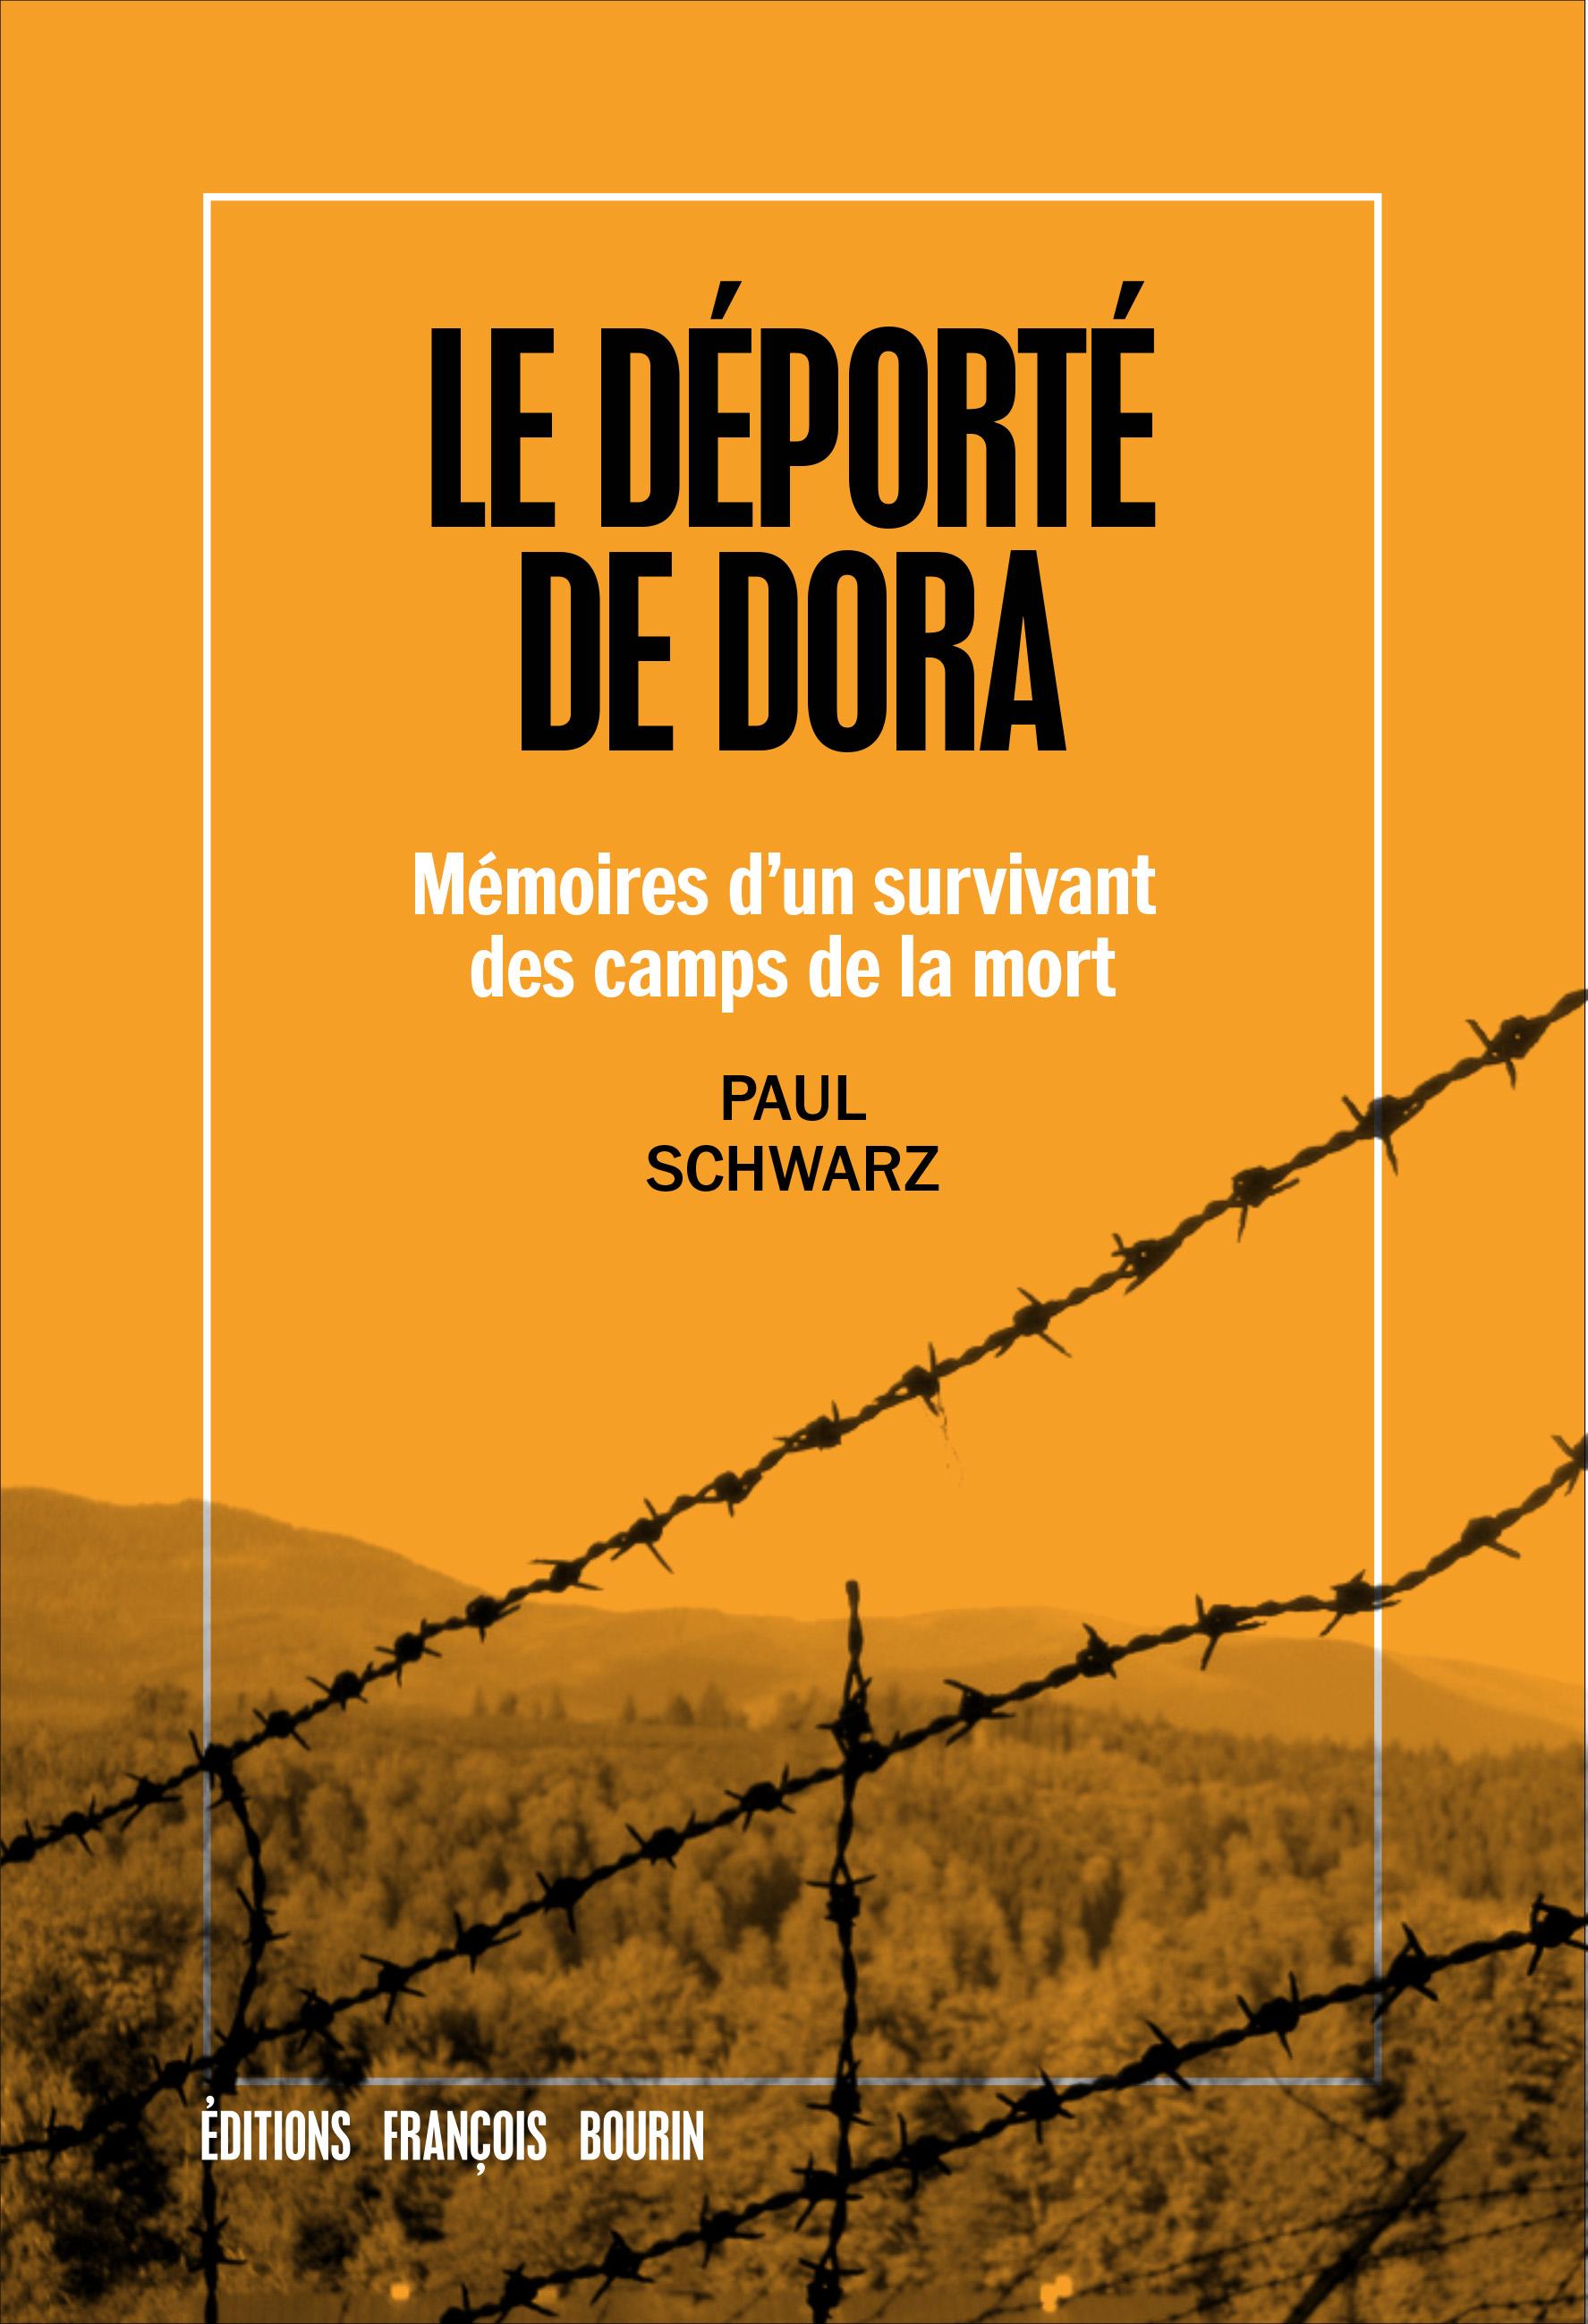 Le déporté de Dora, Mémoires d'un survivant des camps de la mort